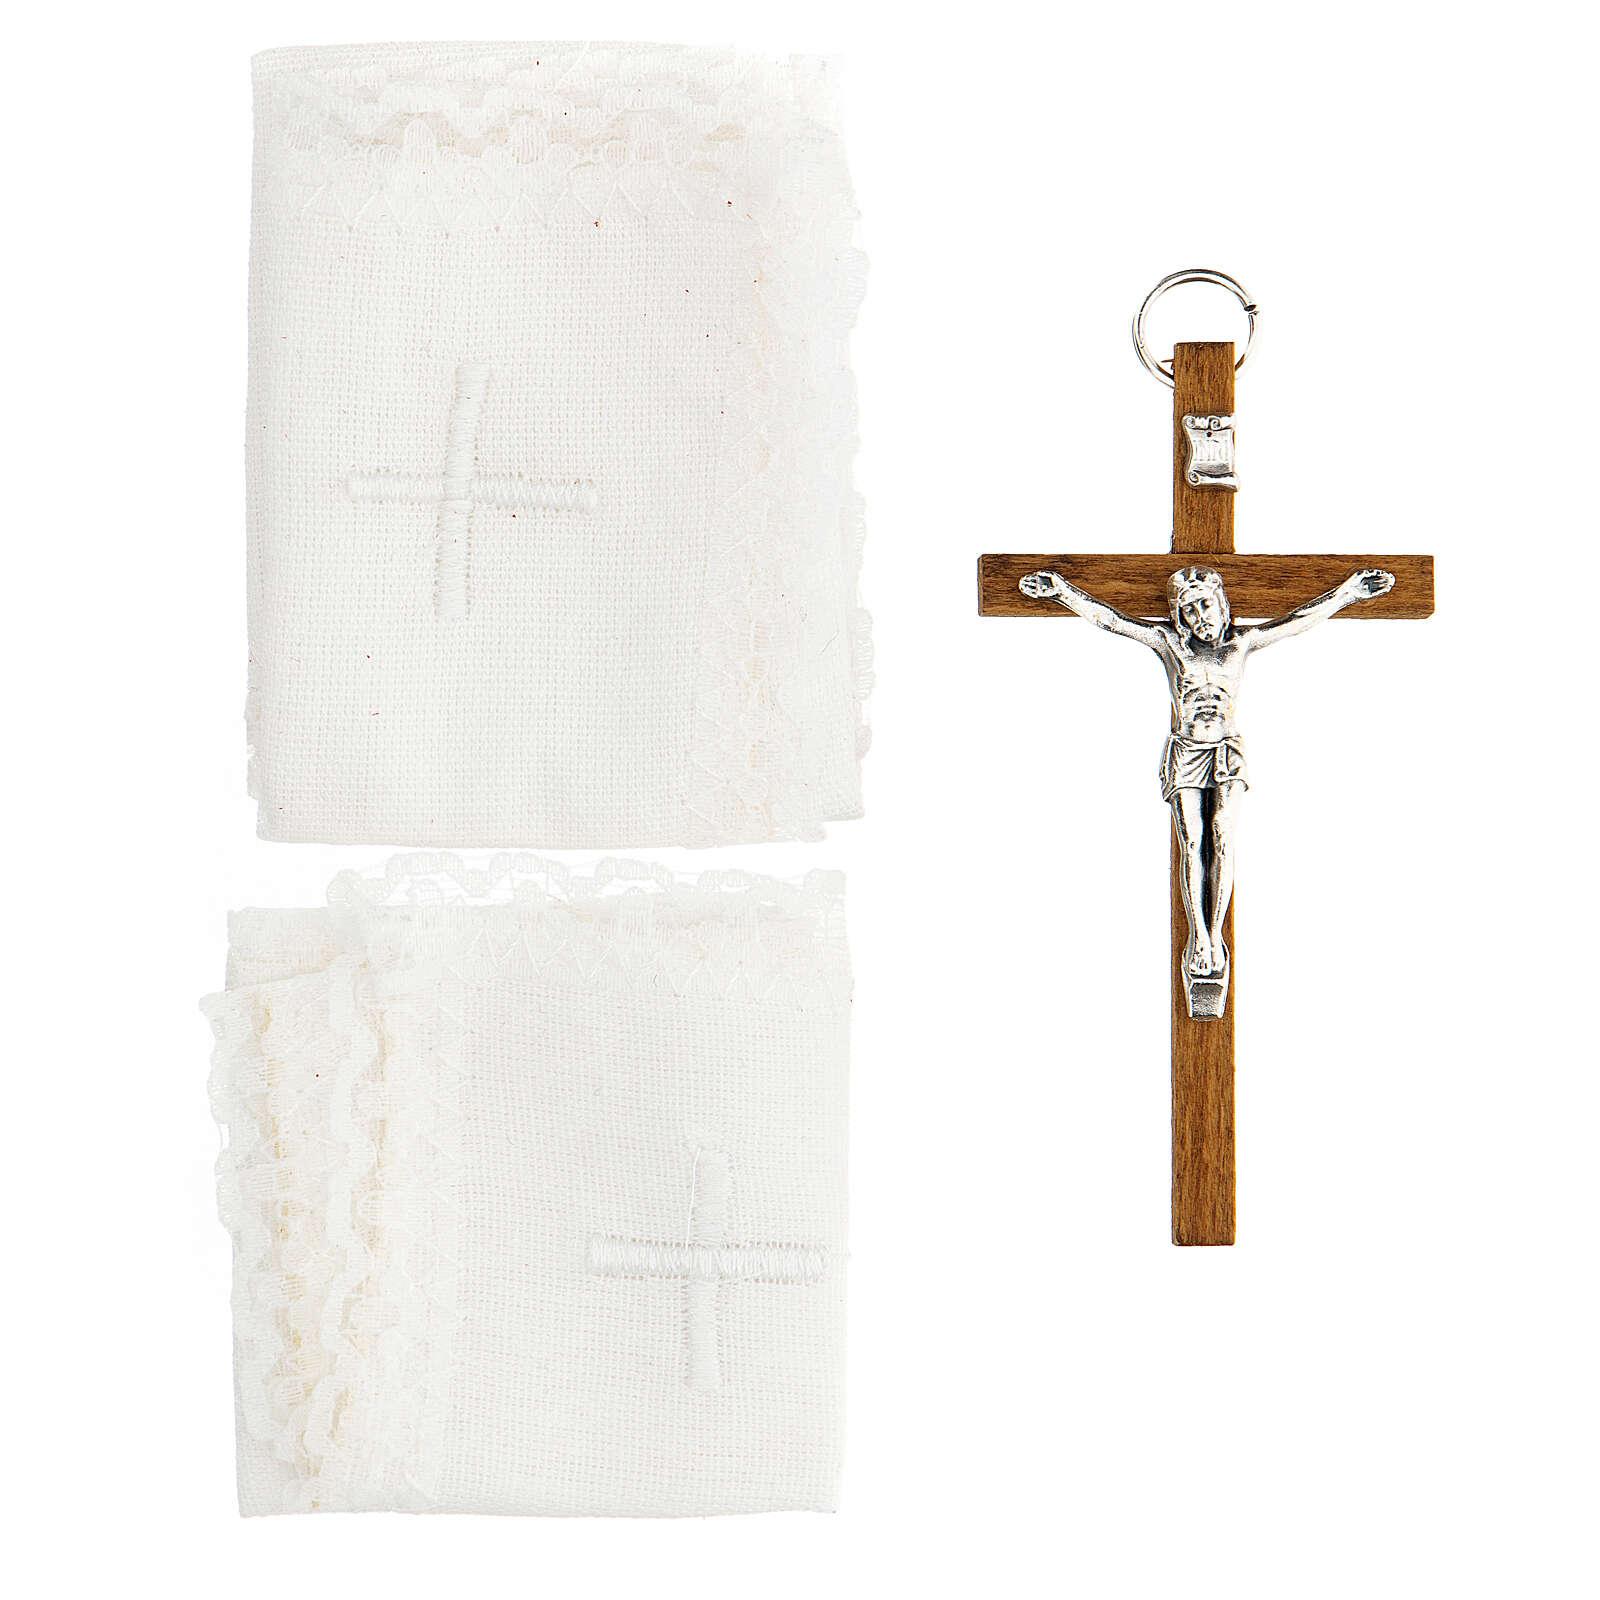 Viaticum and Eucharistic set leather case 3